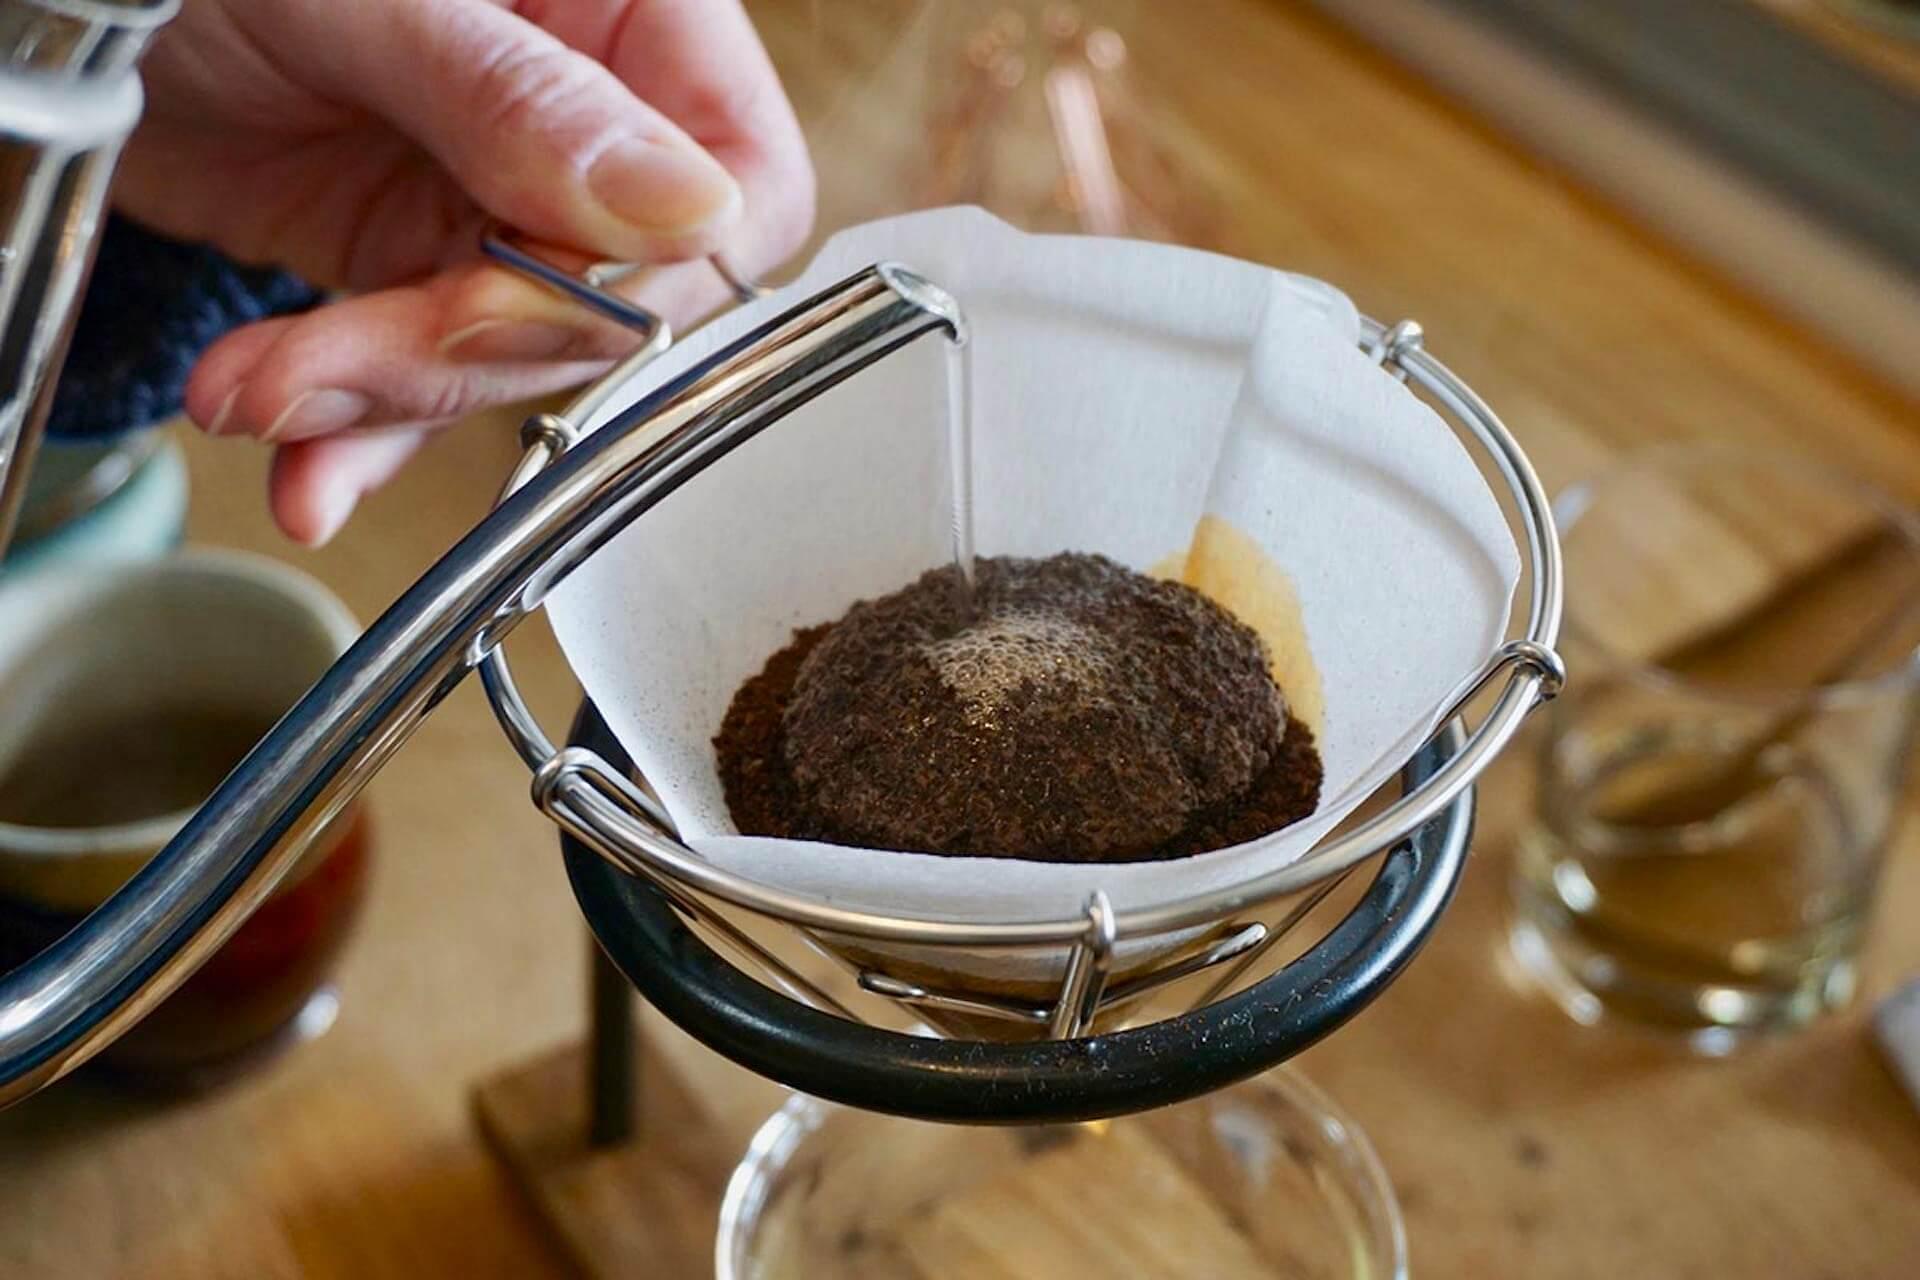 【2021年・コーヒーギア特集】アウトドア&自宅で極上のコーヒータイムを!機能的ギア&厳選コーヒー豆特集 gourmet210303_jeep_coffee_10_1